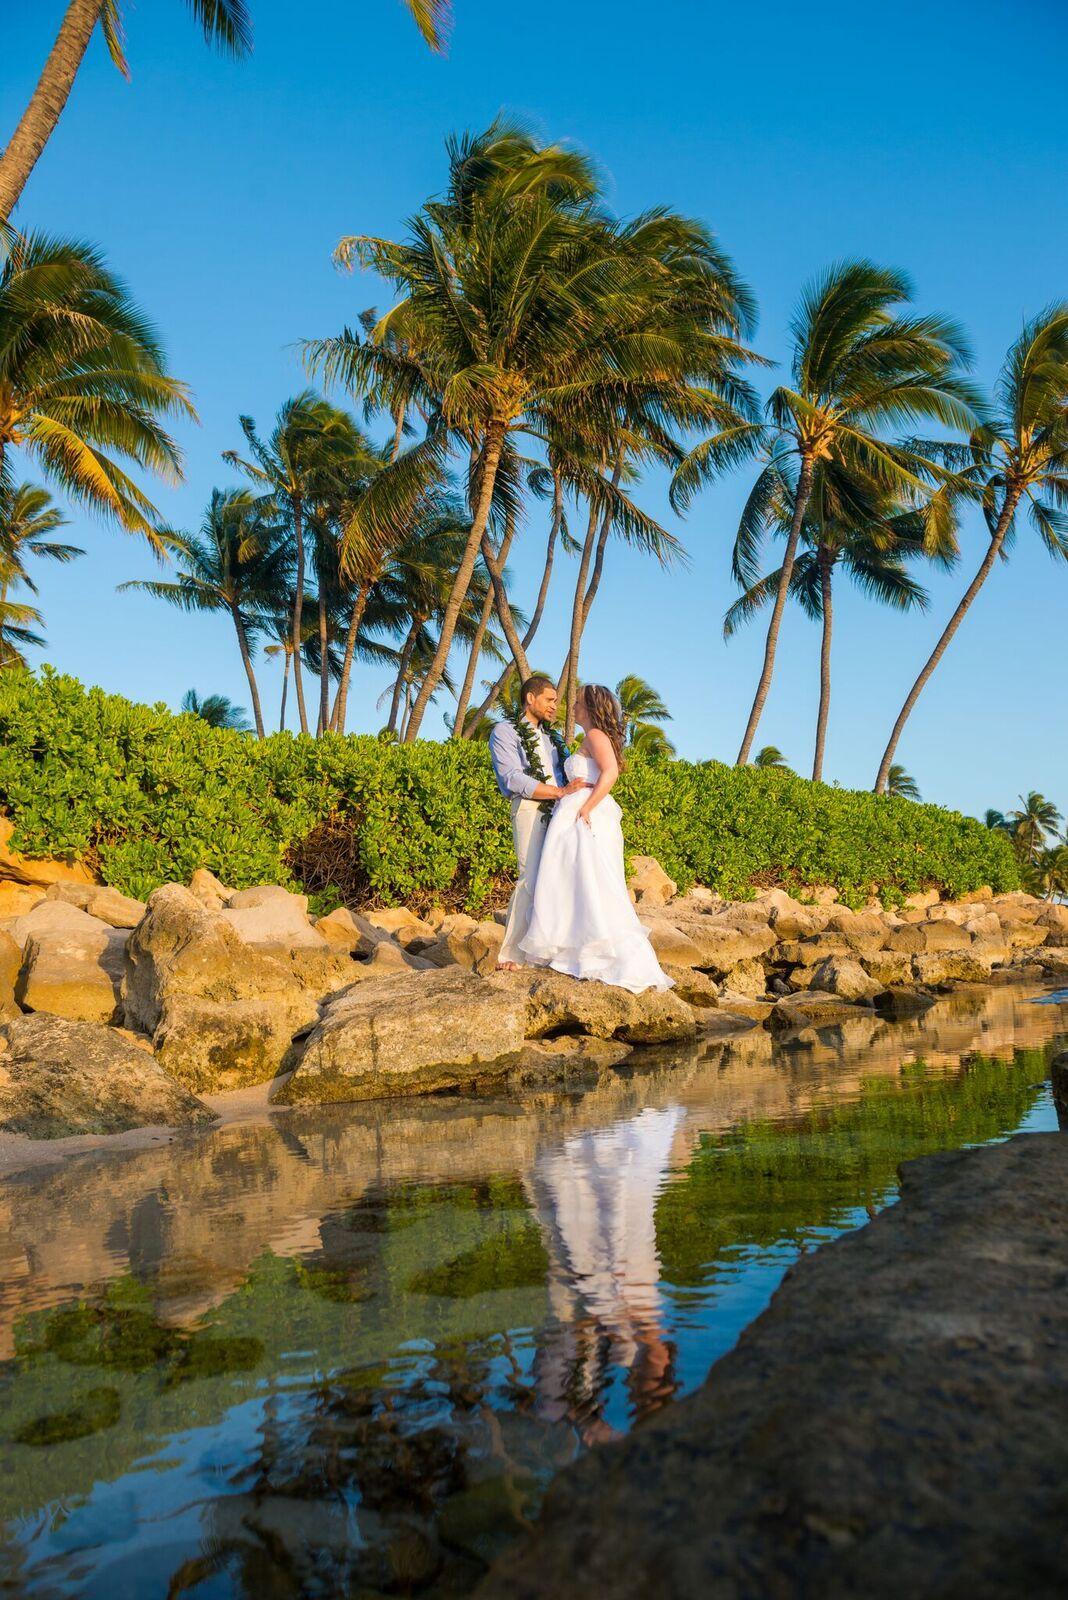 Sunset Vow Renewal Ceremony At Koolina Resort Oahu Hawaii By Islanderweddings Koolinaresor Hawaii Beach Wedding Beach Wedding Packages Hawaii Wedding Packages